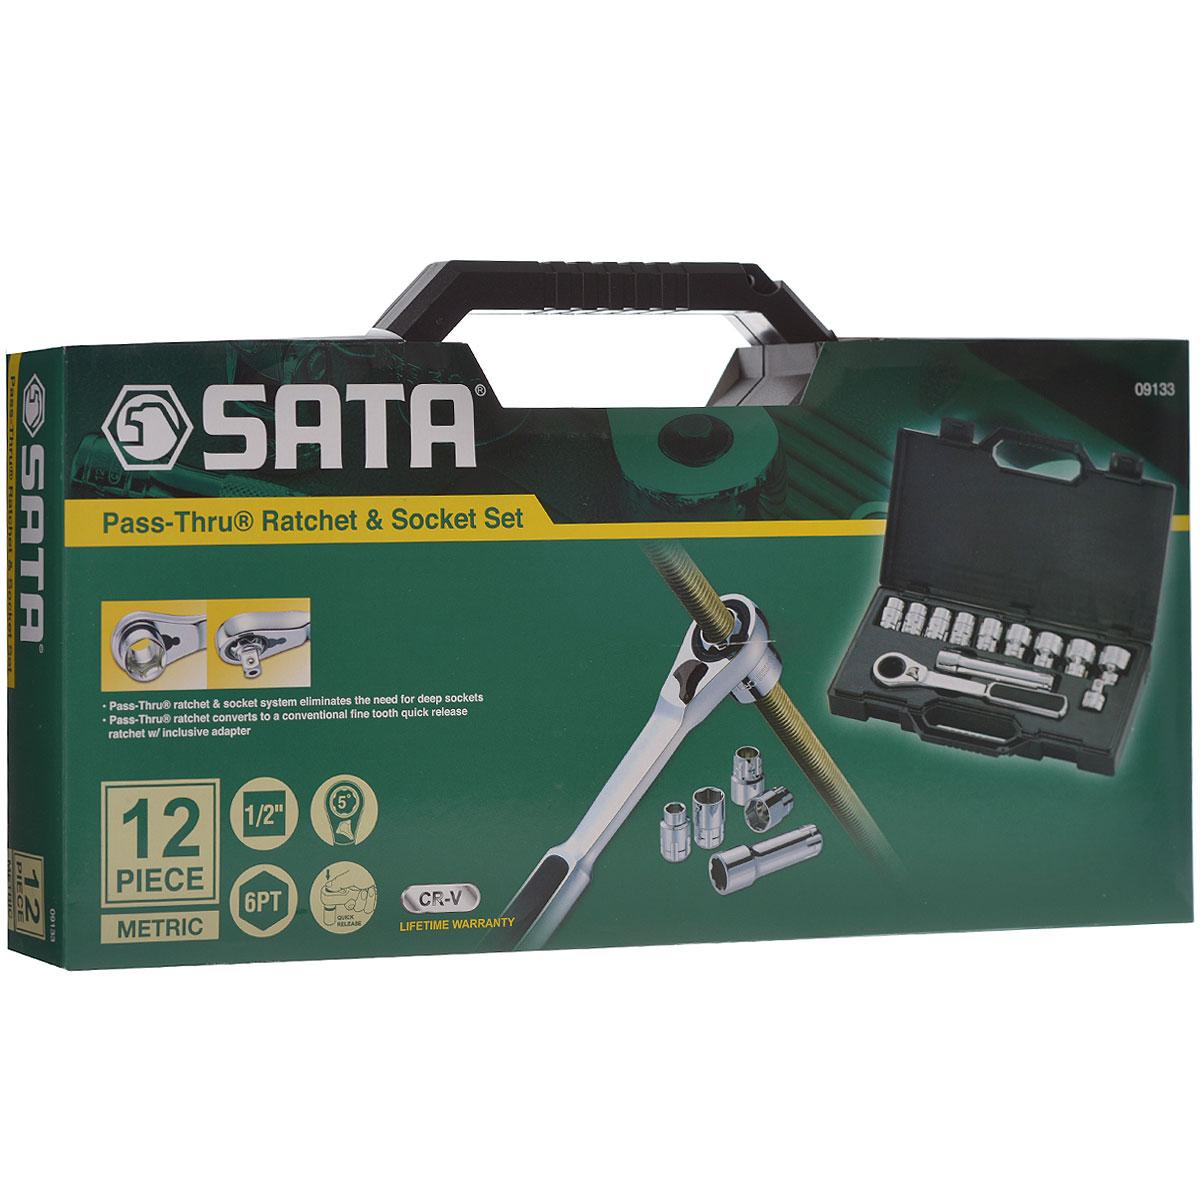 Набор торцевых головок SATA 12пр. 0913309133Набор инструментов Sata - это необходимый предмет в каждом доме и автомобиле. Набор прекрасно подойдет для проведения ремонтных работ в домашних условиях. Все инструменты выполнены из высококачественной хромованадиевой стали. В комплекте пластиковый кейс для переноски и хранения. Состав набора: Метрические торцевые головки Vortex: 19, 20, 21, 22, 24, 27, 30, 32, 34 мм. Быстросъемный переходник. Удлинитель для торцевых головок Vortex длиной 15 см. Храповая рукоятка Pass-Thru.